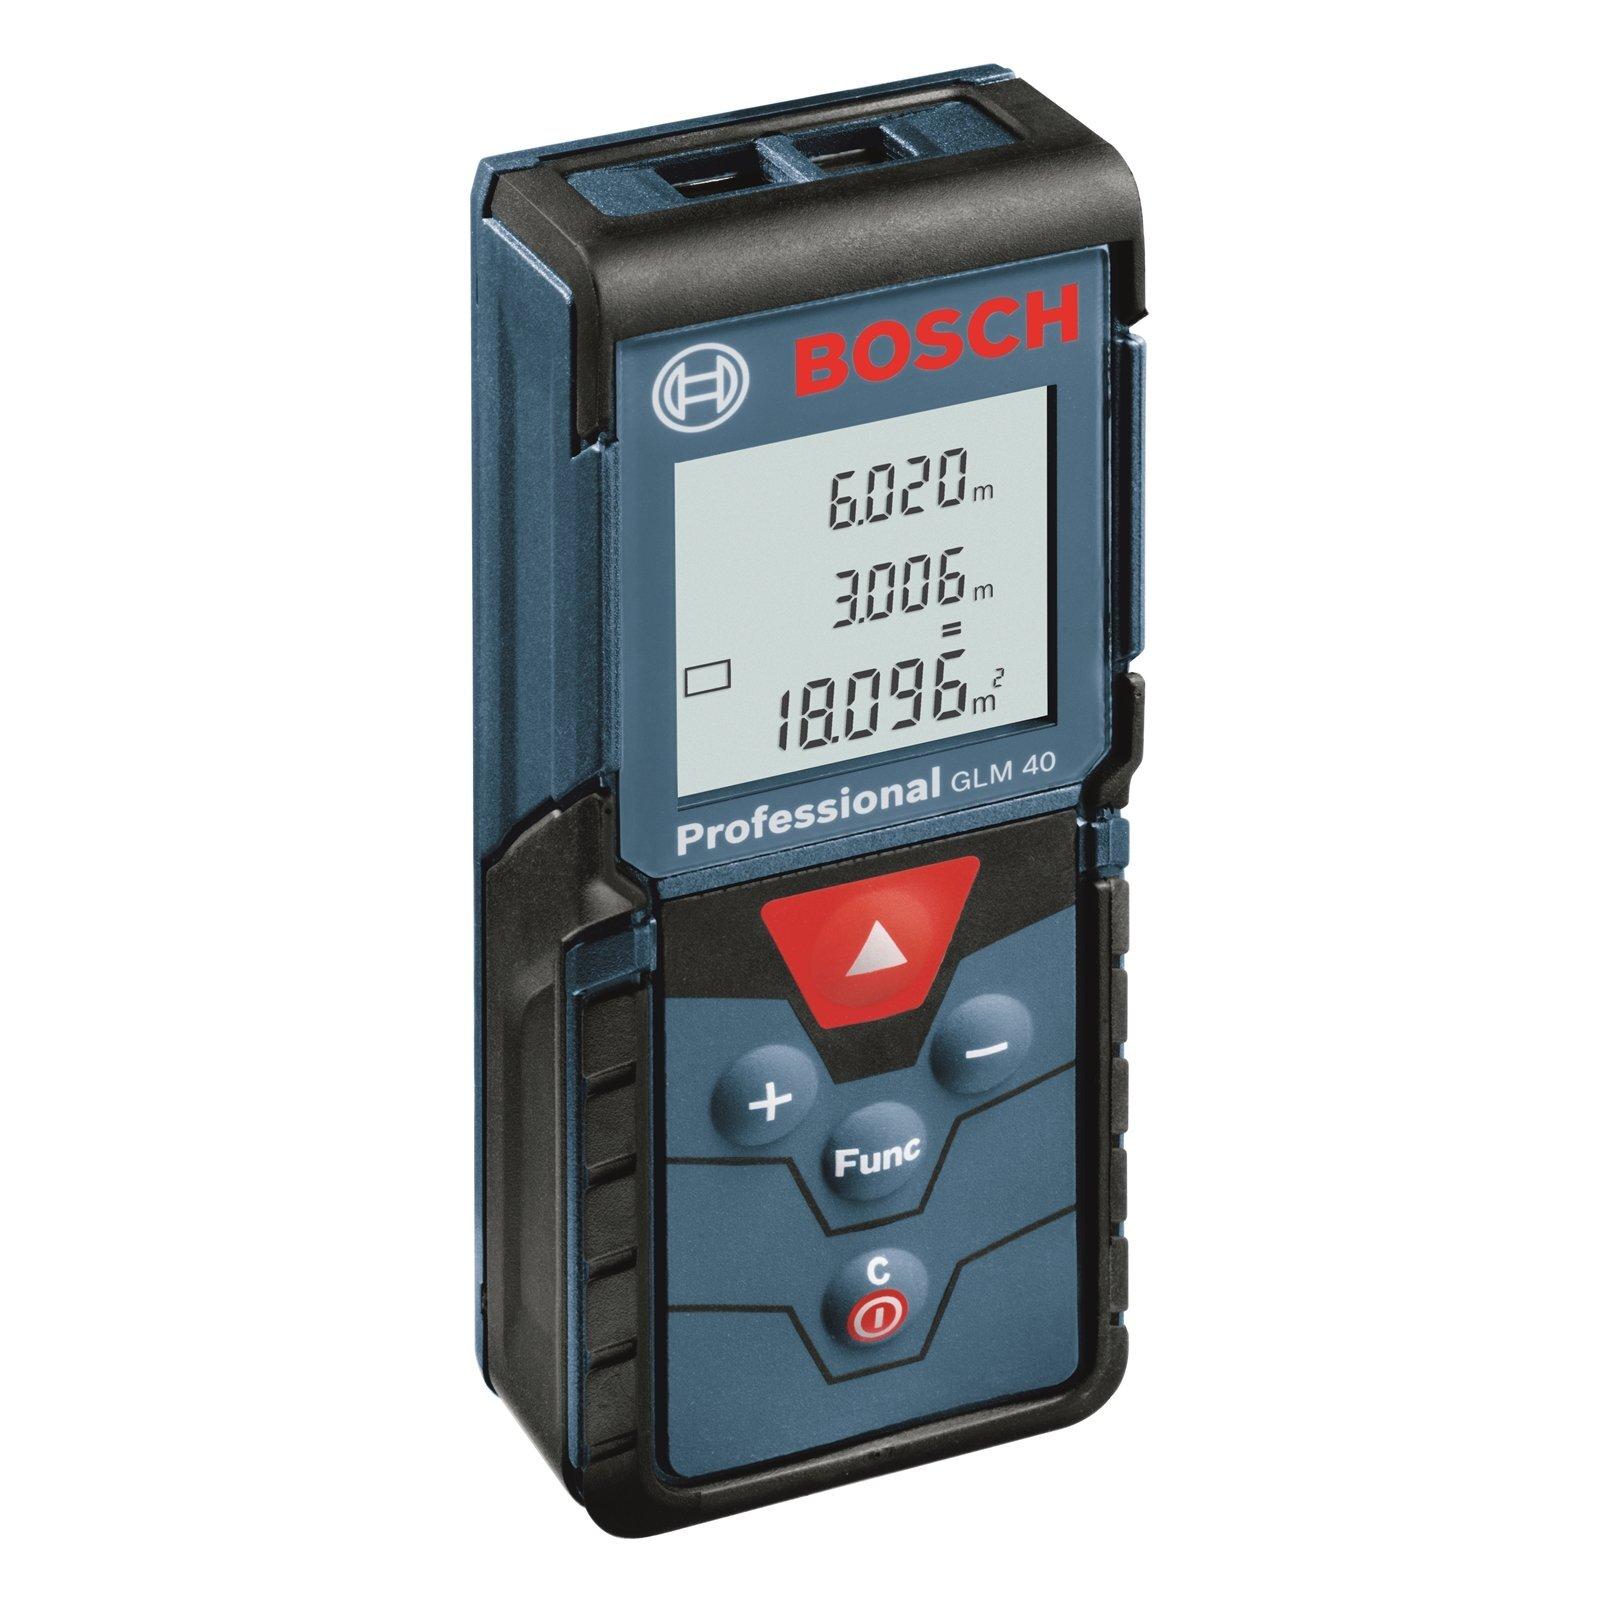 Bosch Blue 40m GLM 40 Laser Range Finder